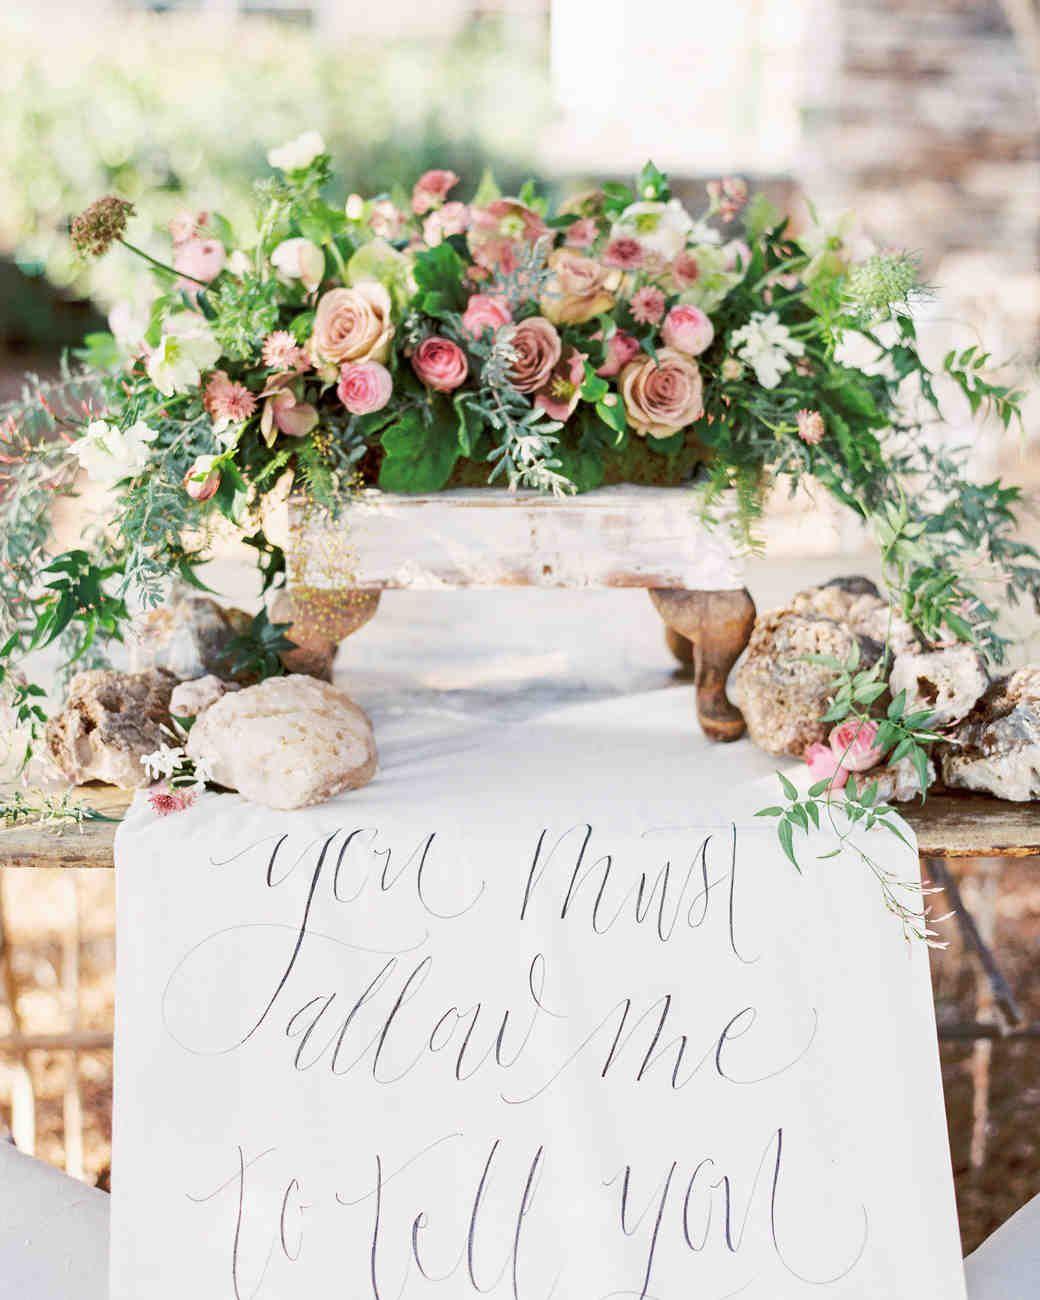 Pink Wedding Centerpieces We Love | Martha Stewart Weddings - A ...